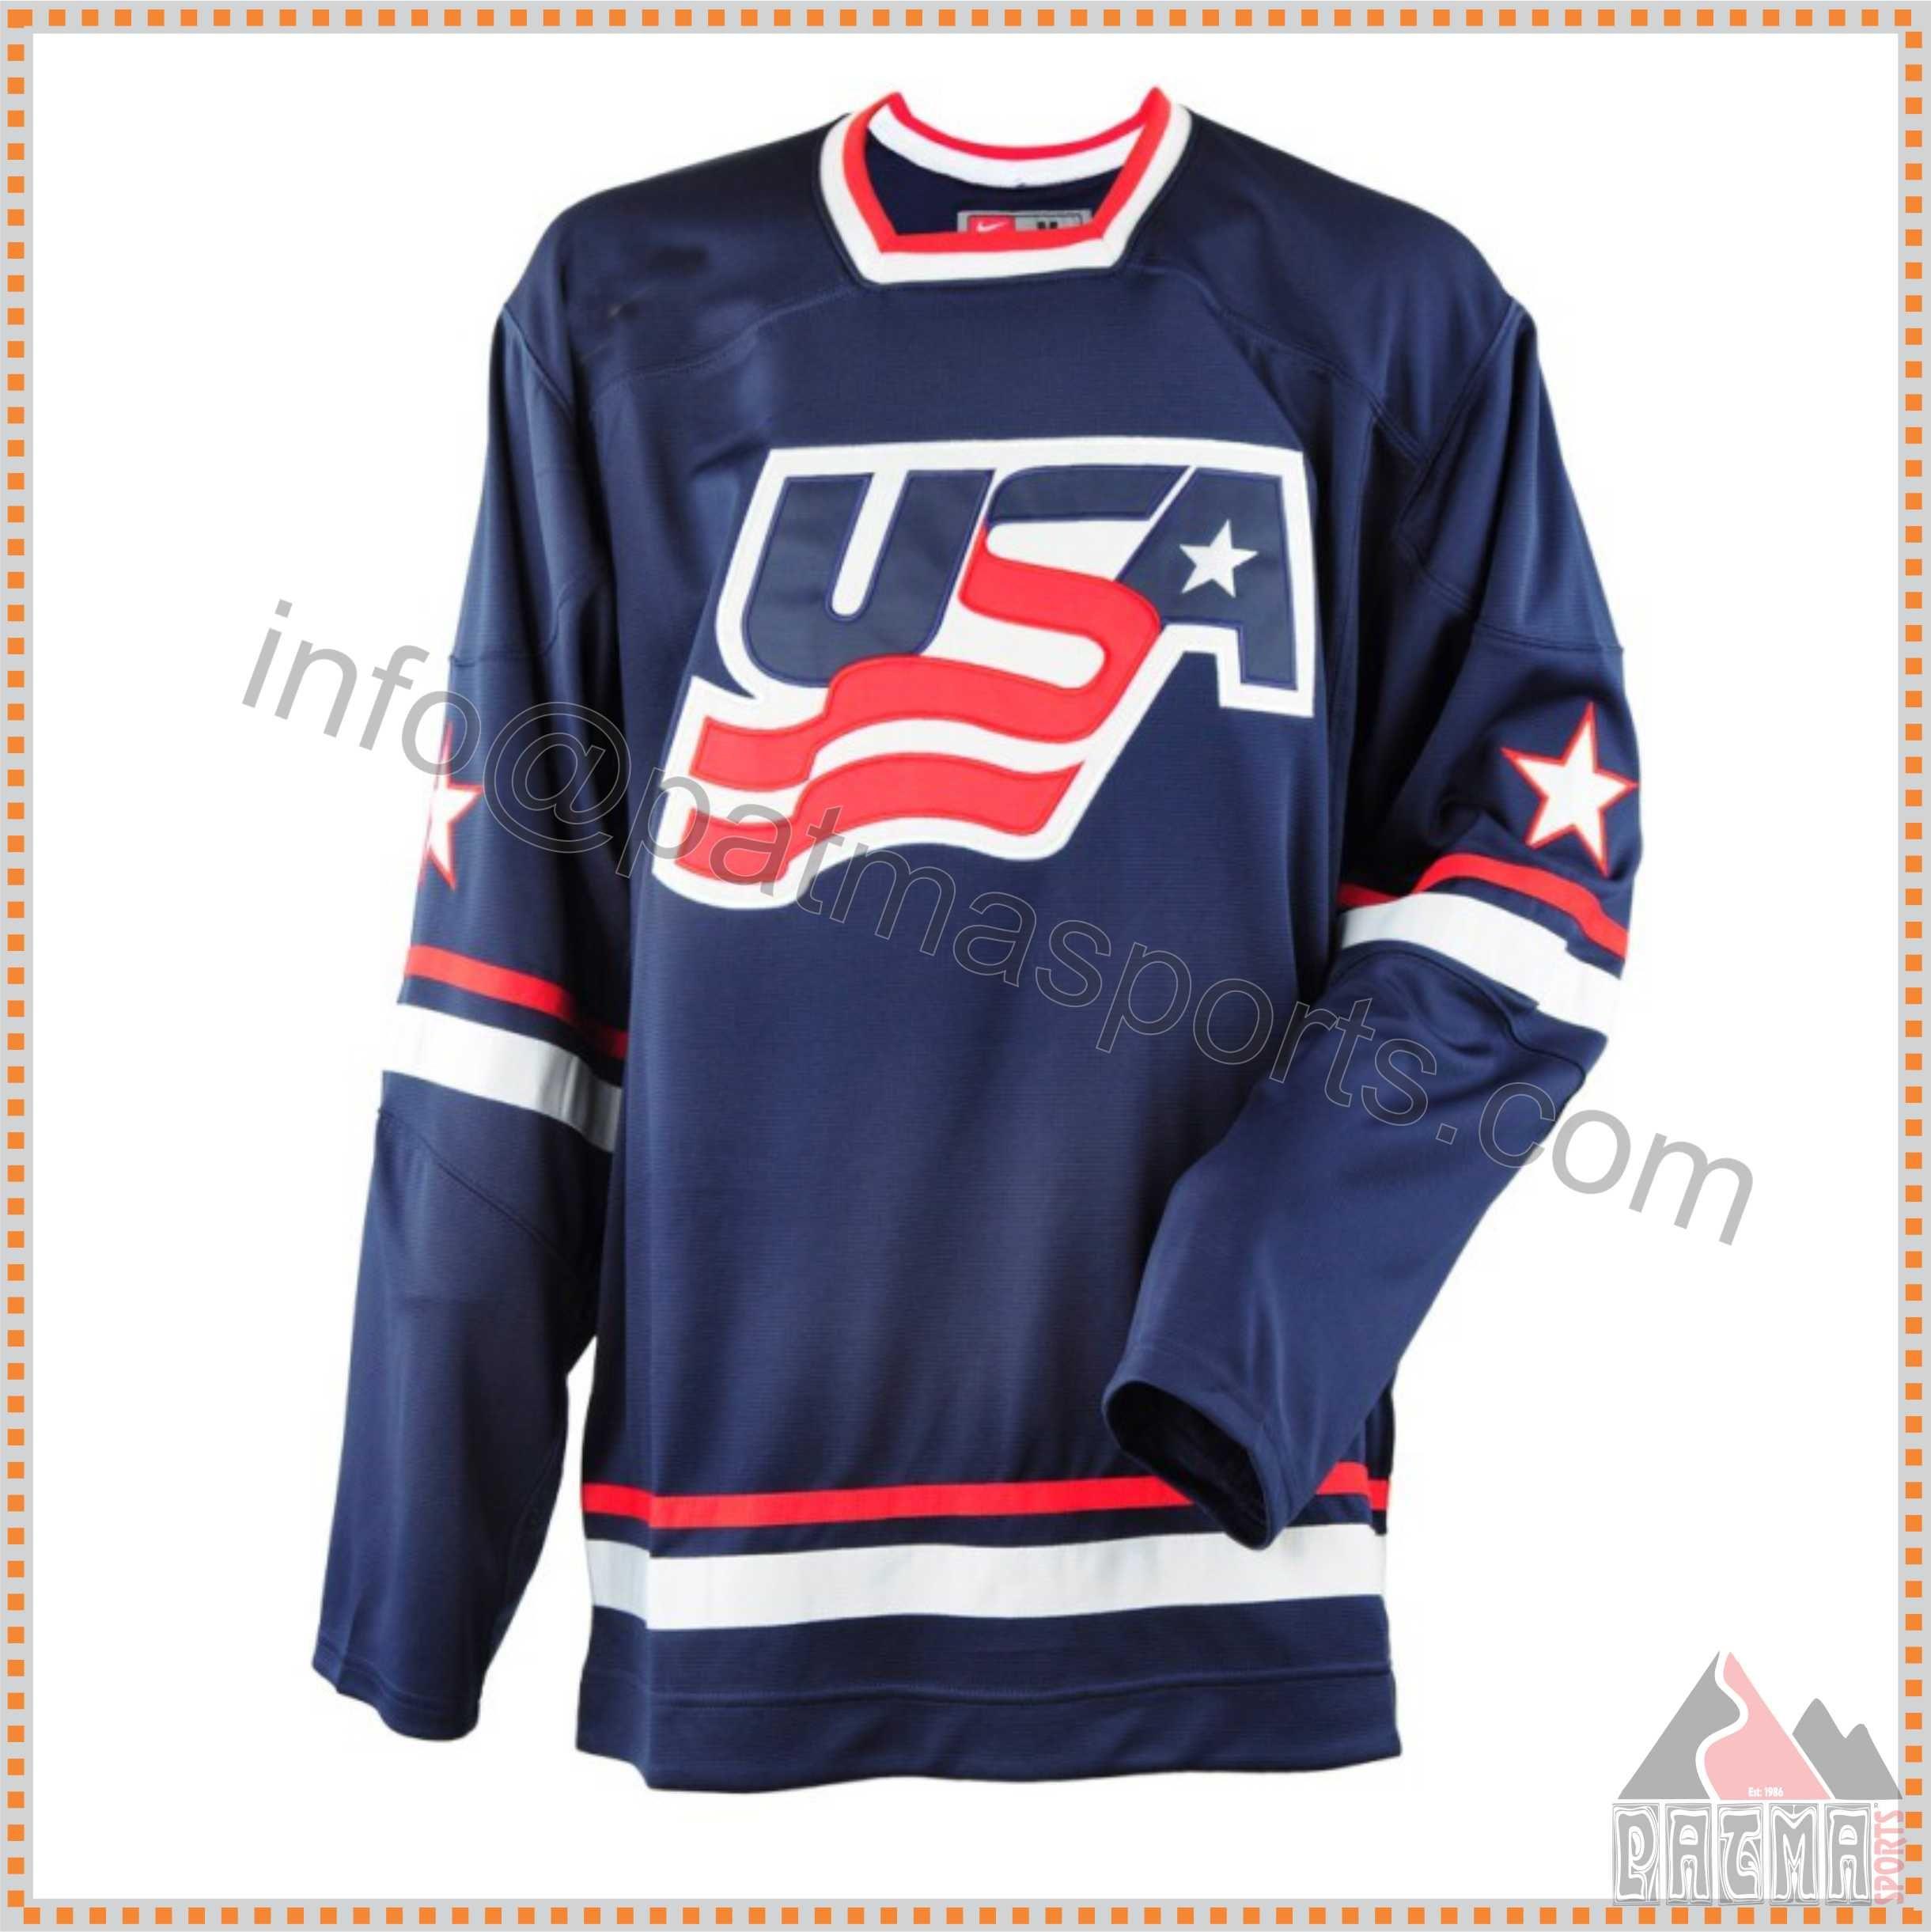 Pin By Patma Sports On A Usa Hockey Womens Jersey In 2020 Usa Hockey Usa Hockey Jersey Ice Hockey Jersey